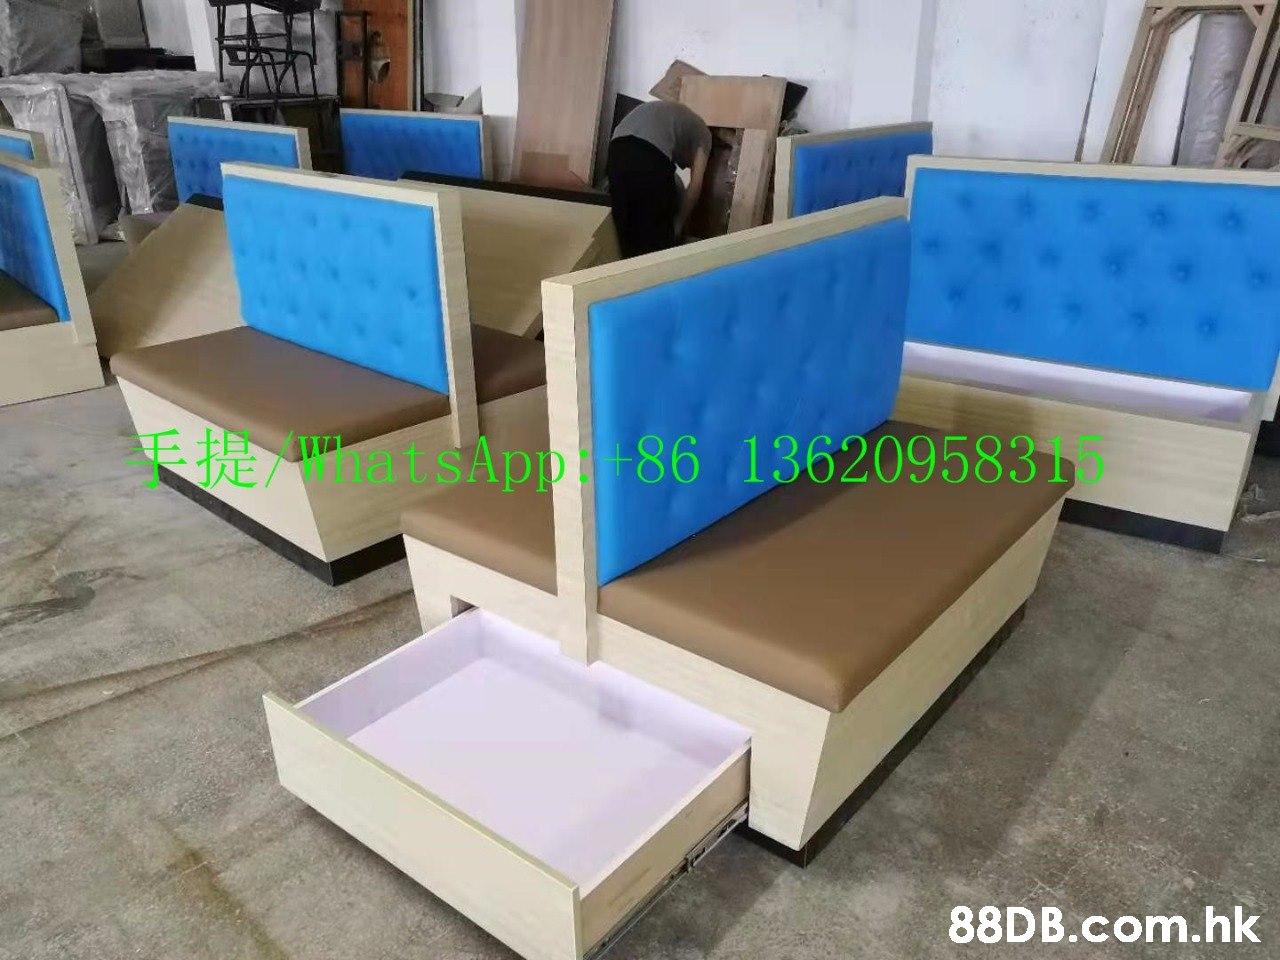 WeatsApp86 1362095831 .hk  Product,Furniture,Plastic,Table,Room